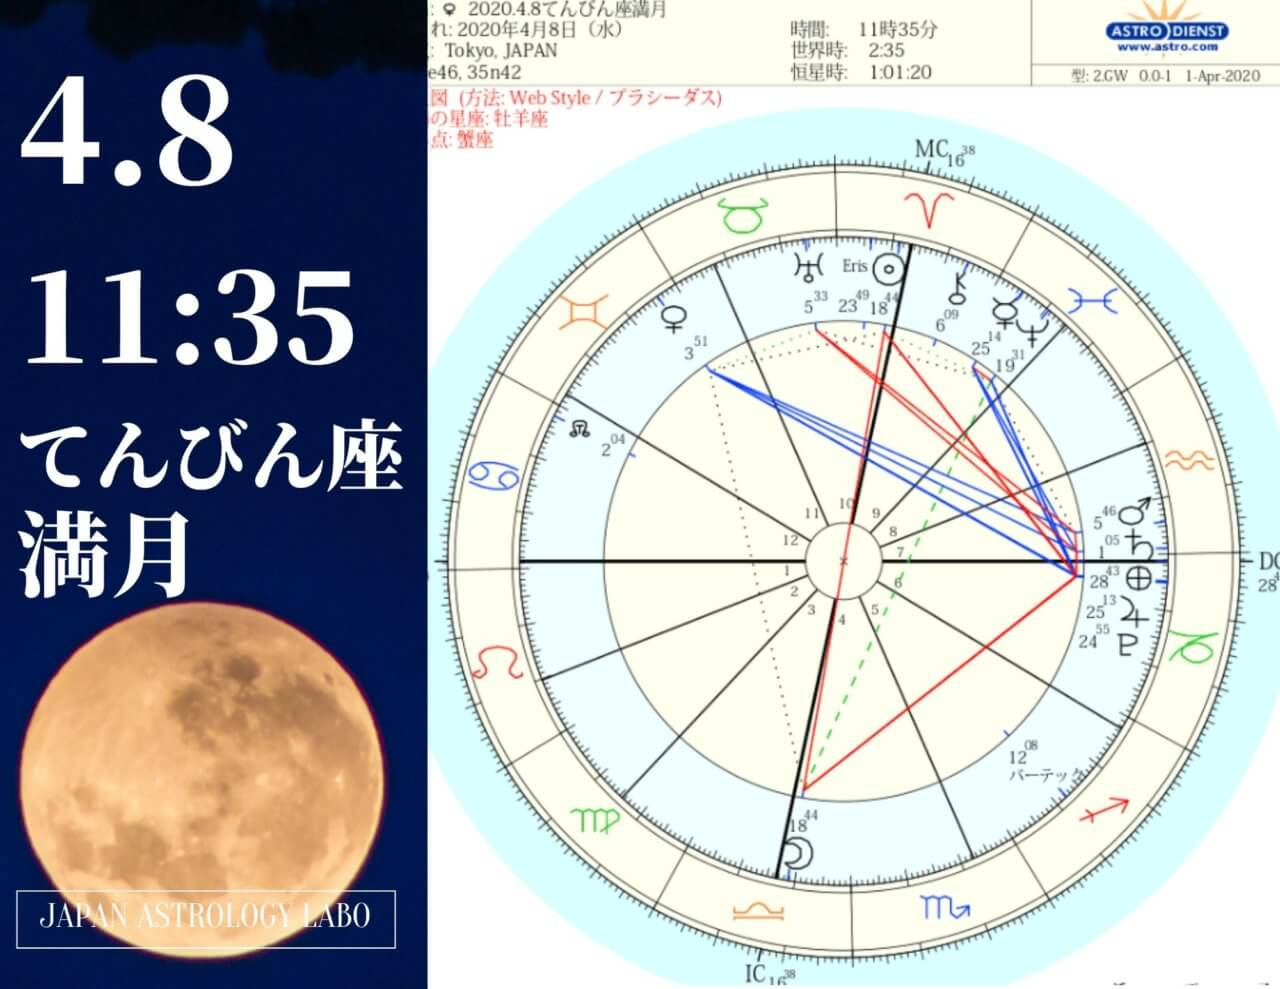 2020年4月8日てんびん座満月仕事の本当の意味を知る